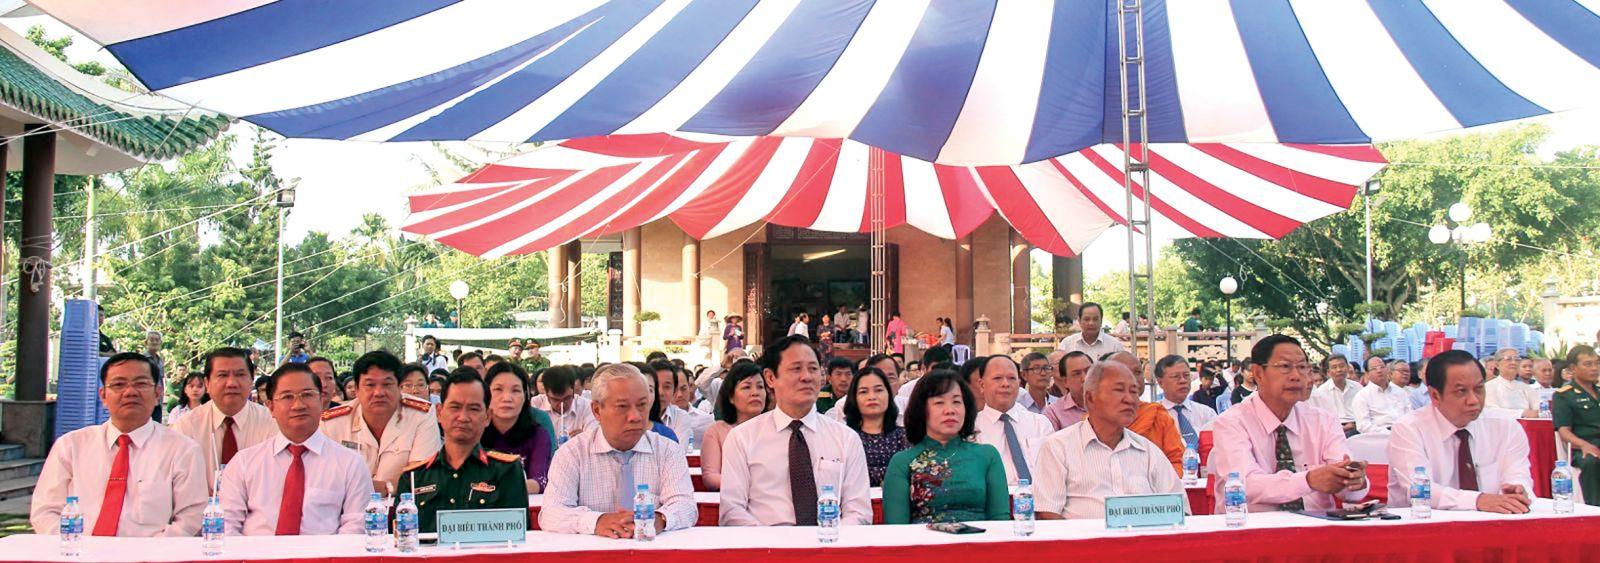 Các đồng chí lãnh đạo TP Cần Thơ tại lễ giỗ lần thứ 146 Thủ khoa Bùi Hữu Nghĩa. Ảnh: MINH TRƯỜNG